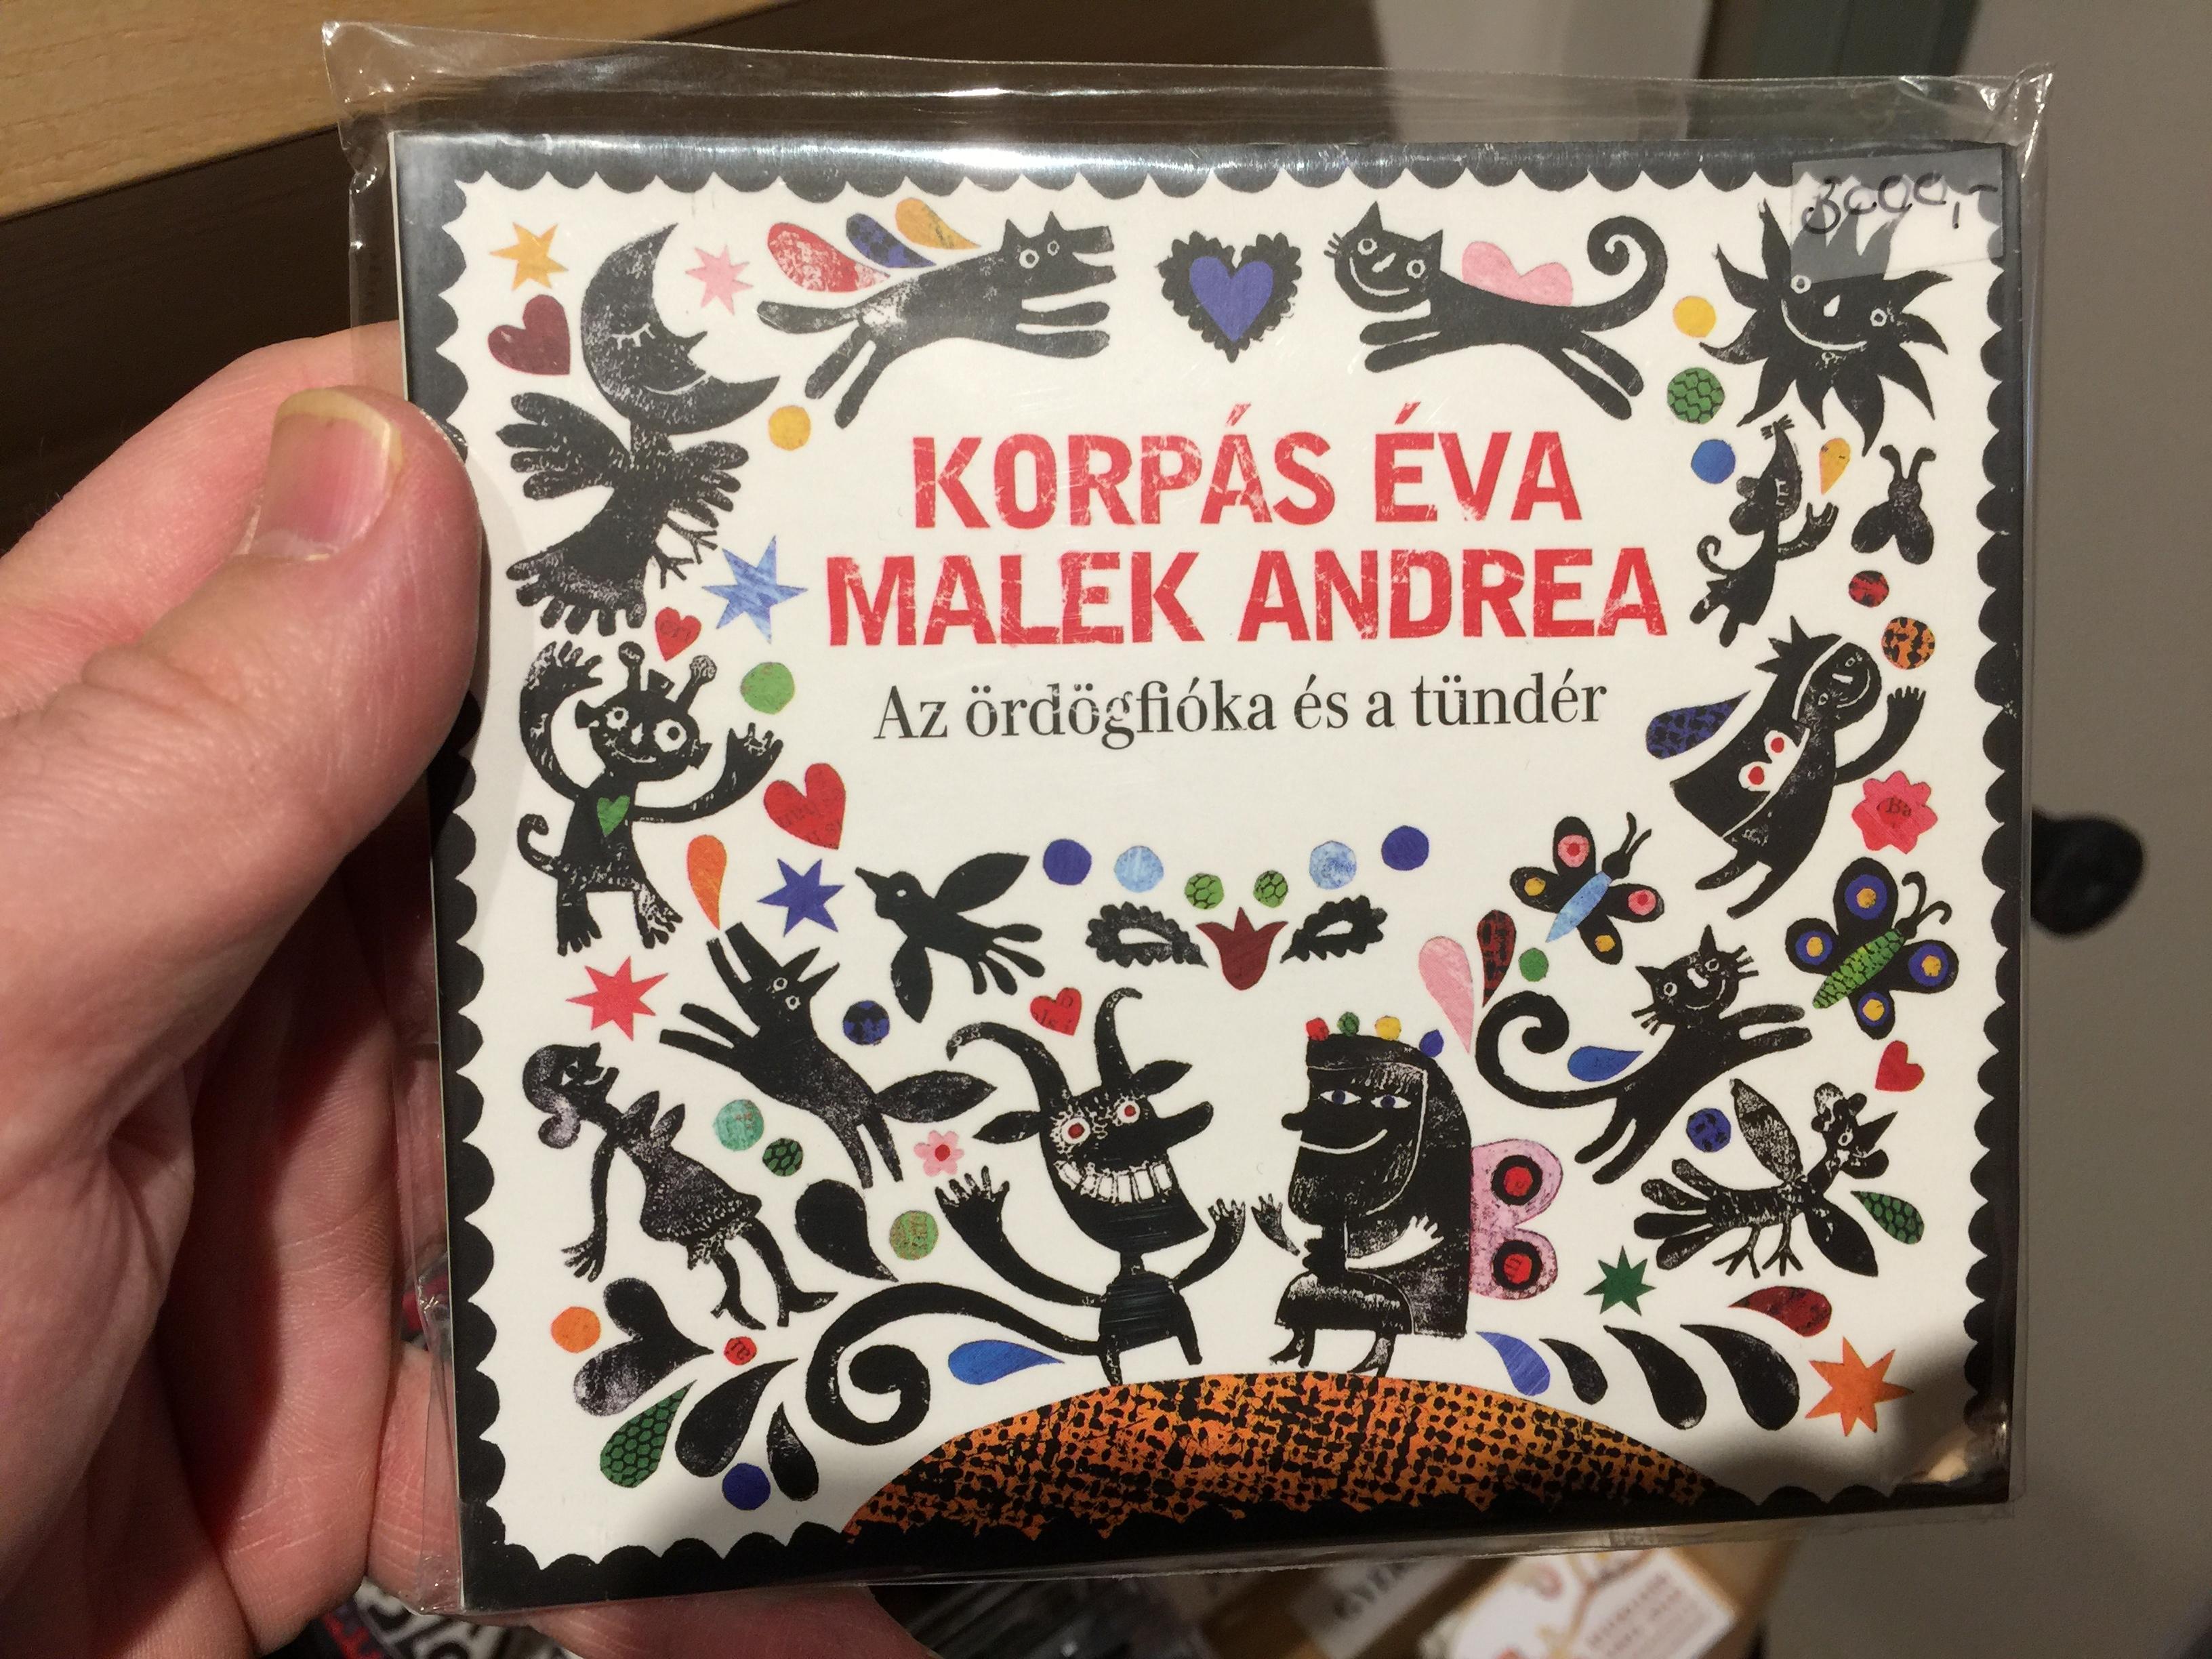 korp-s-va-malek-andrea-az-rd-gfi-ka-s-a-t-nd-r-gryllus-audio-cd-2012-gcd-121-1-.jpg